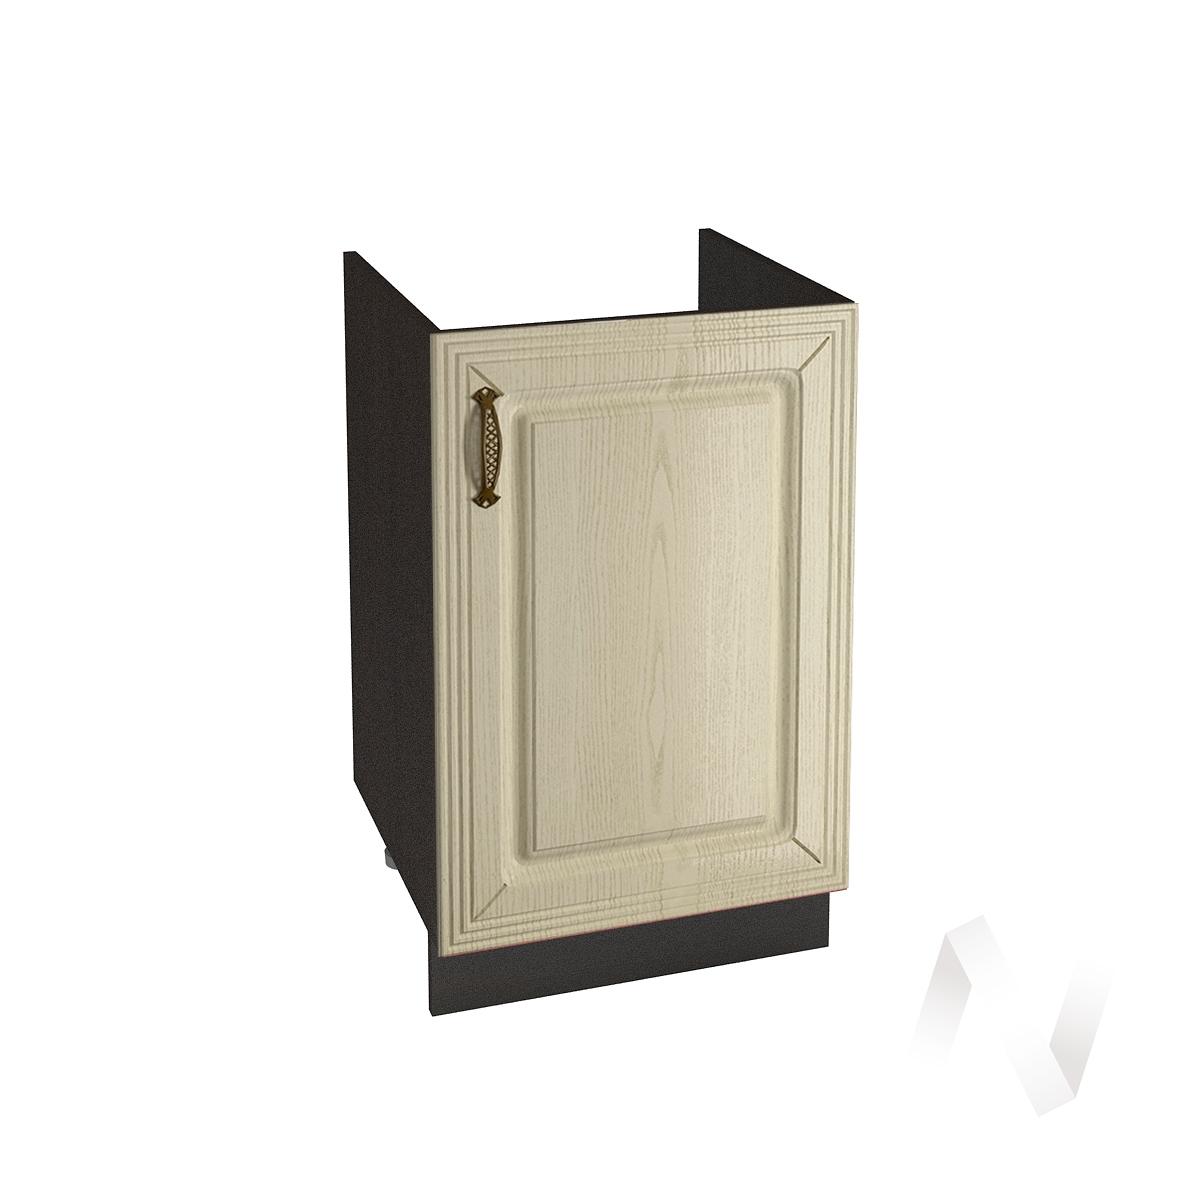 """Кухня """"Изабель"""": Шкаф нижний под мойку 500, ШНМ 500 (корпус венге)"""